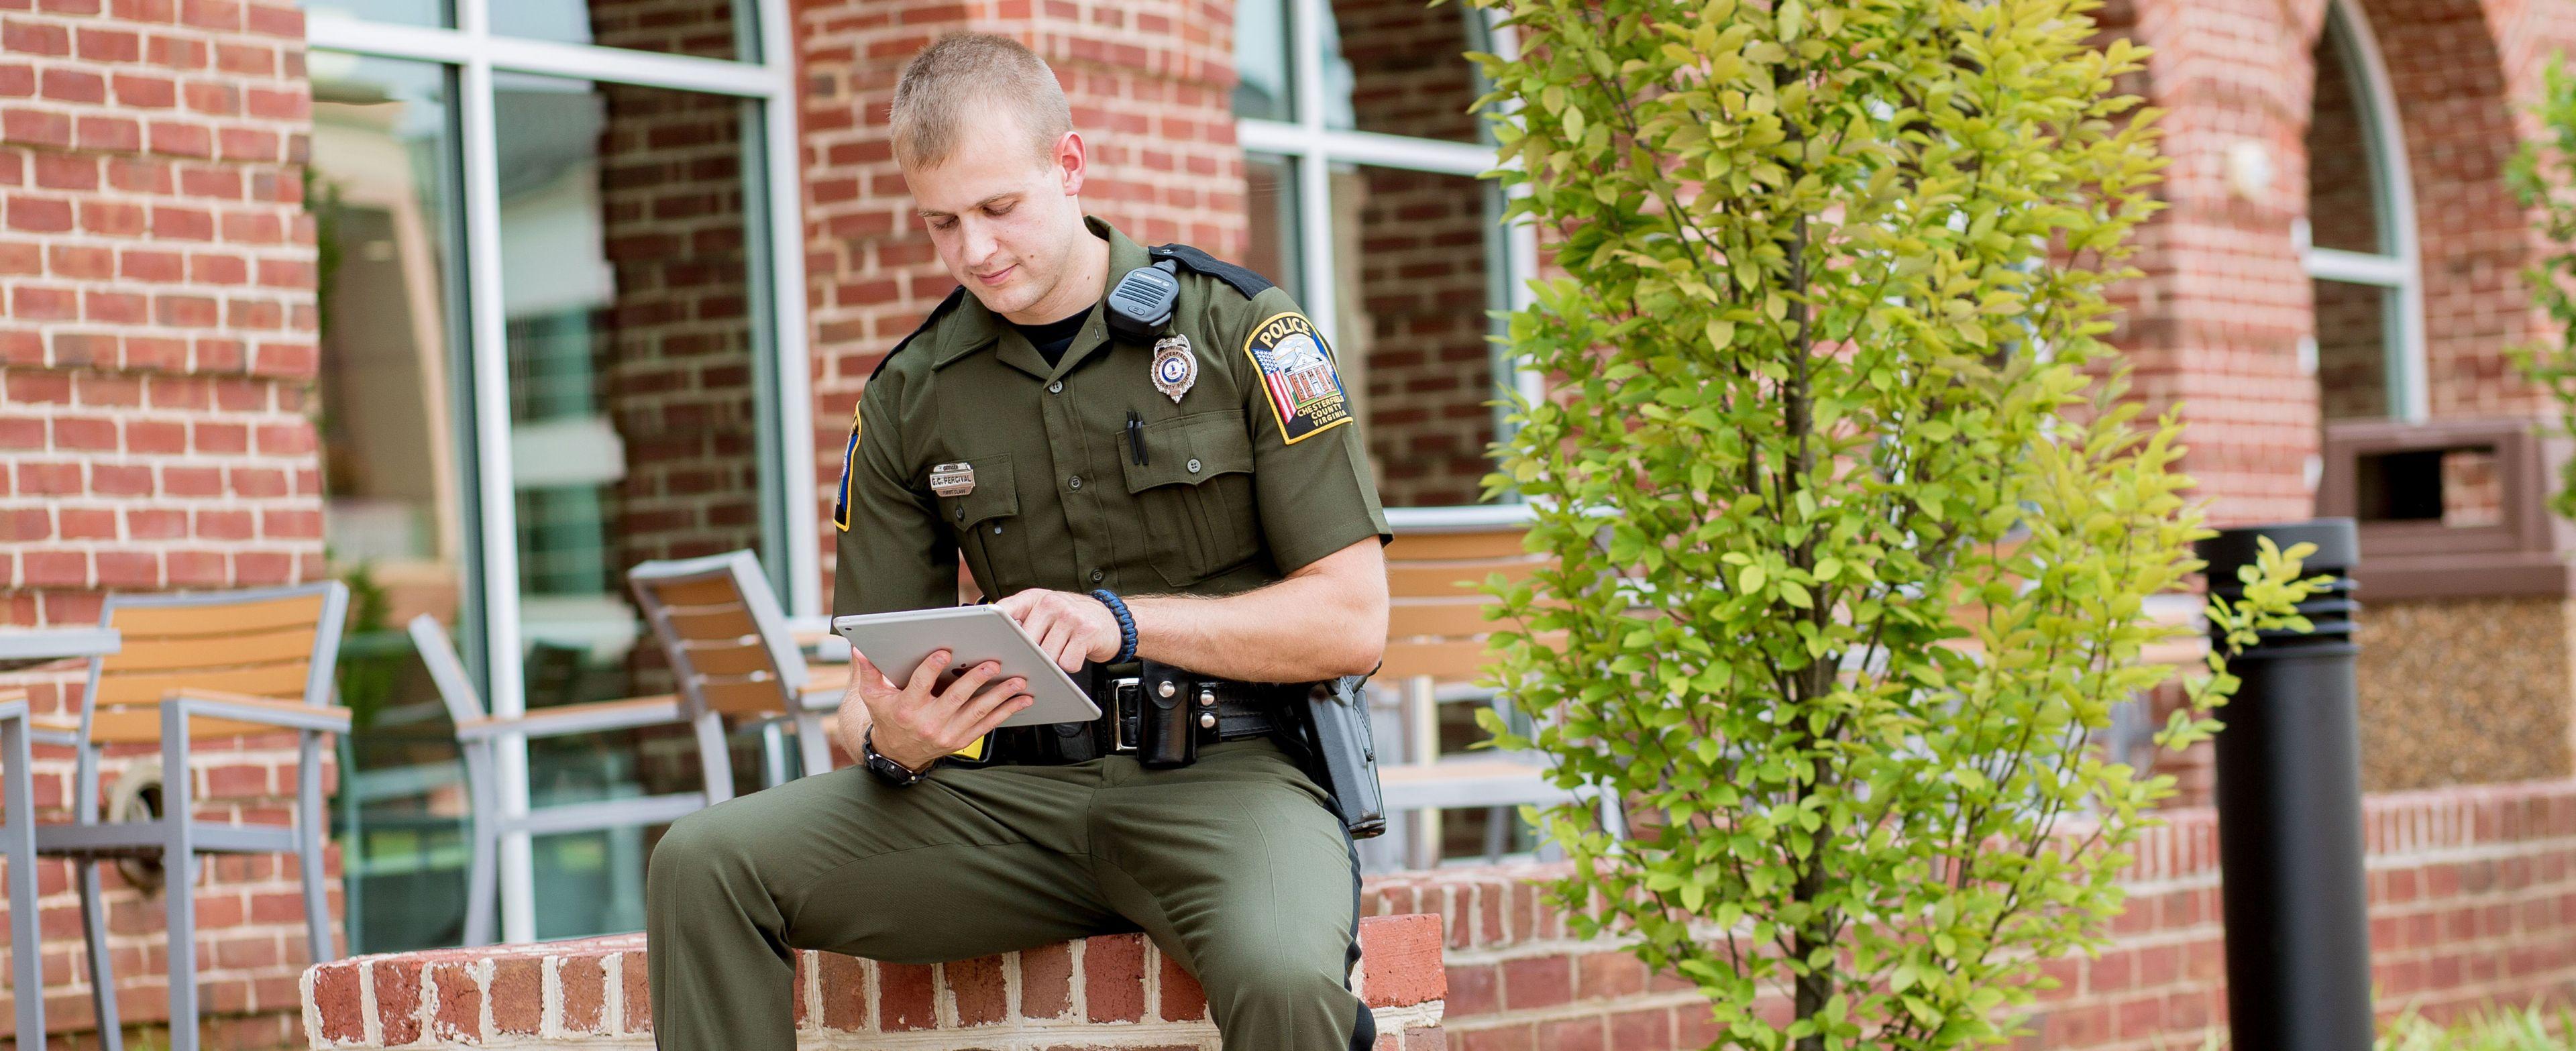 Bachelor's Degree in Psychology - Criminal Psychology Degree Online